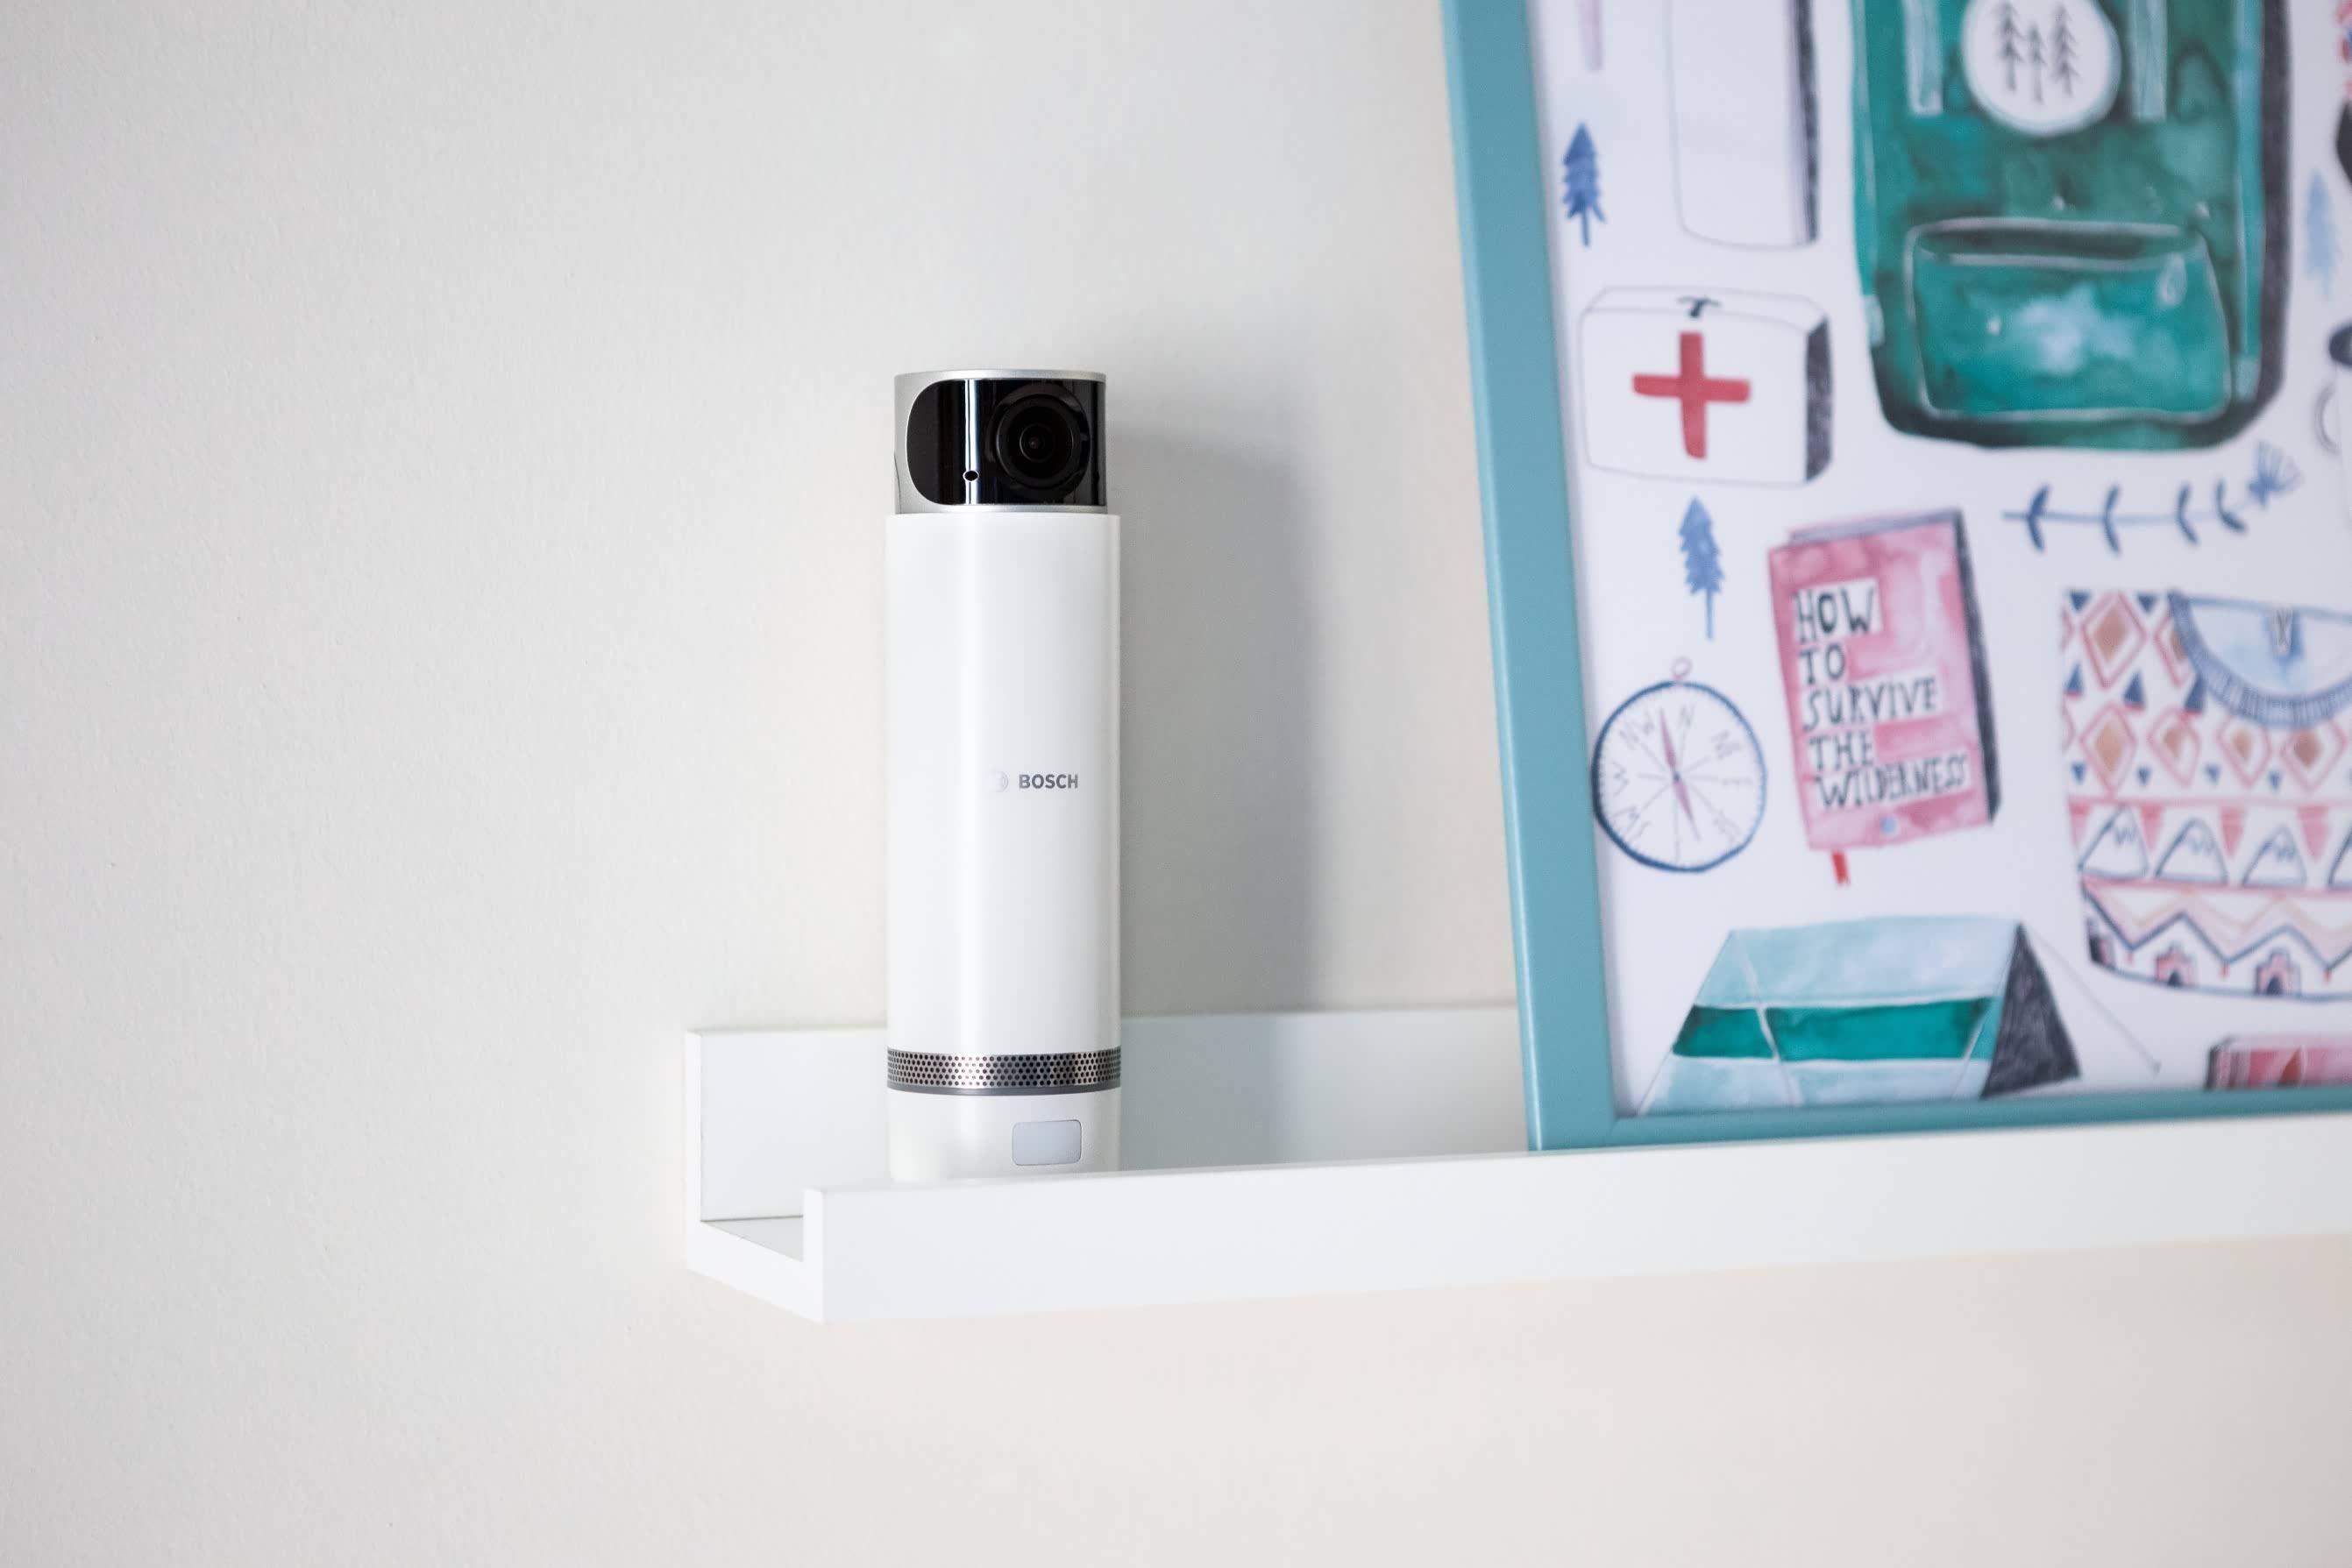 Bosch Kühlschrank Blau : Ein plus an sicherheit und komfort für das zuhause